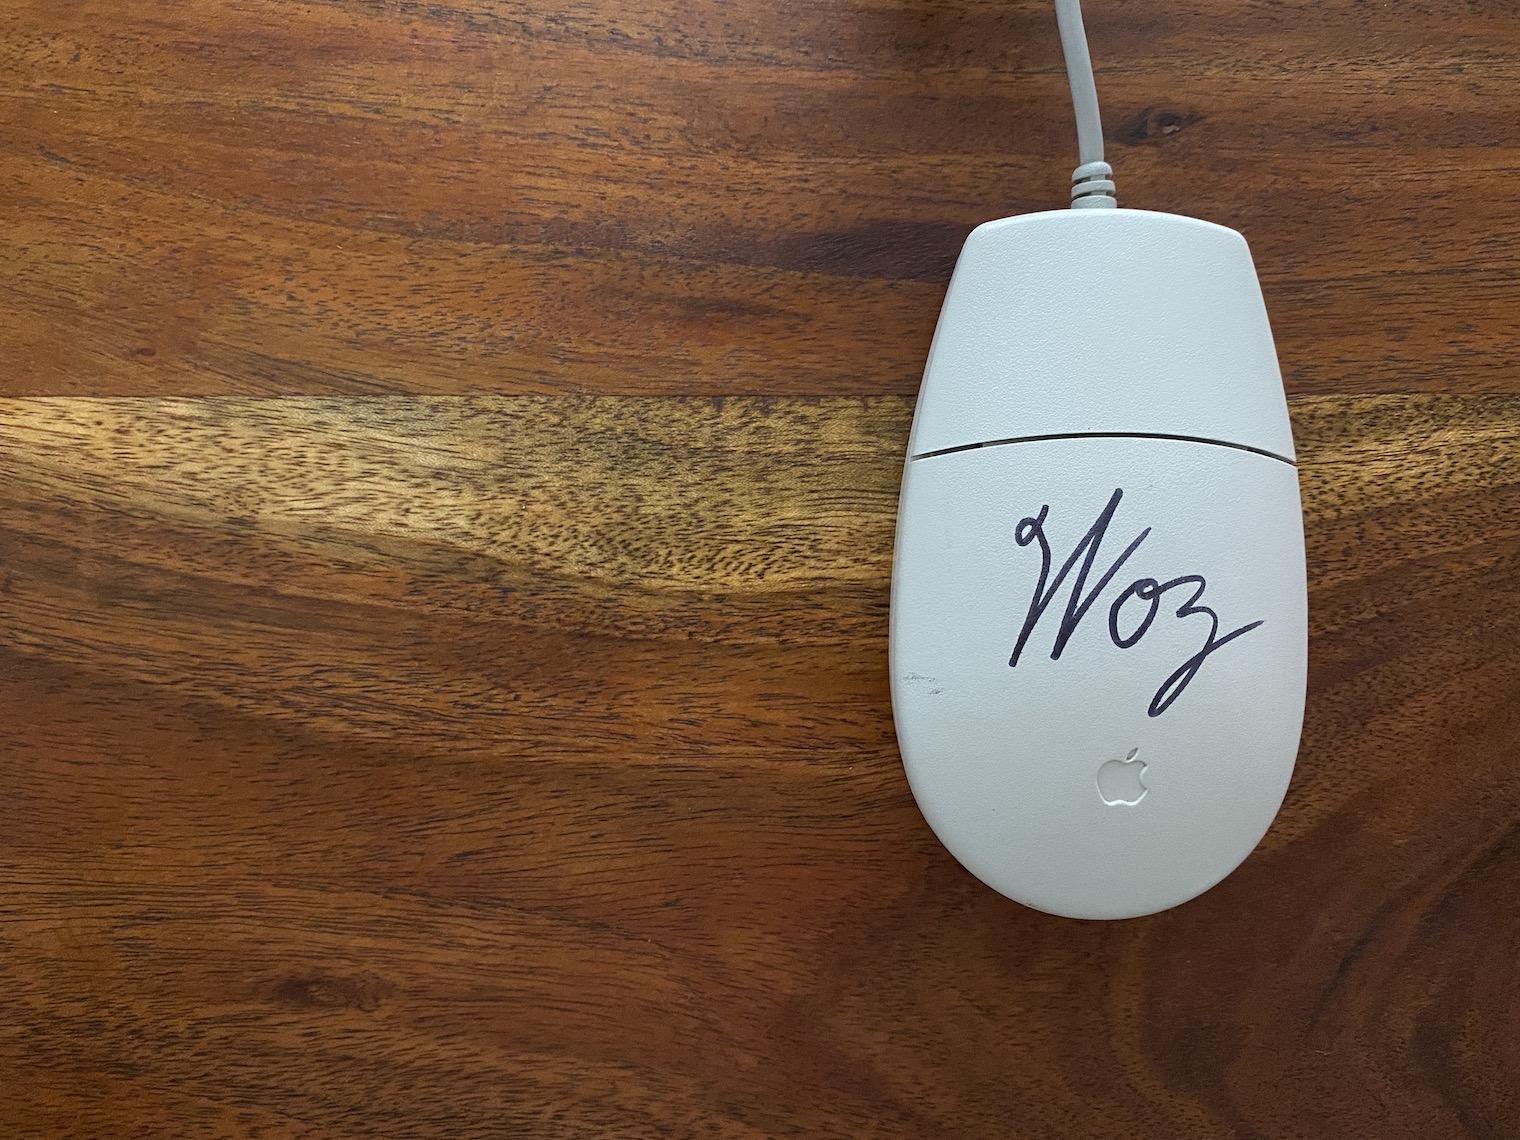 signatured by wozniak